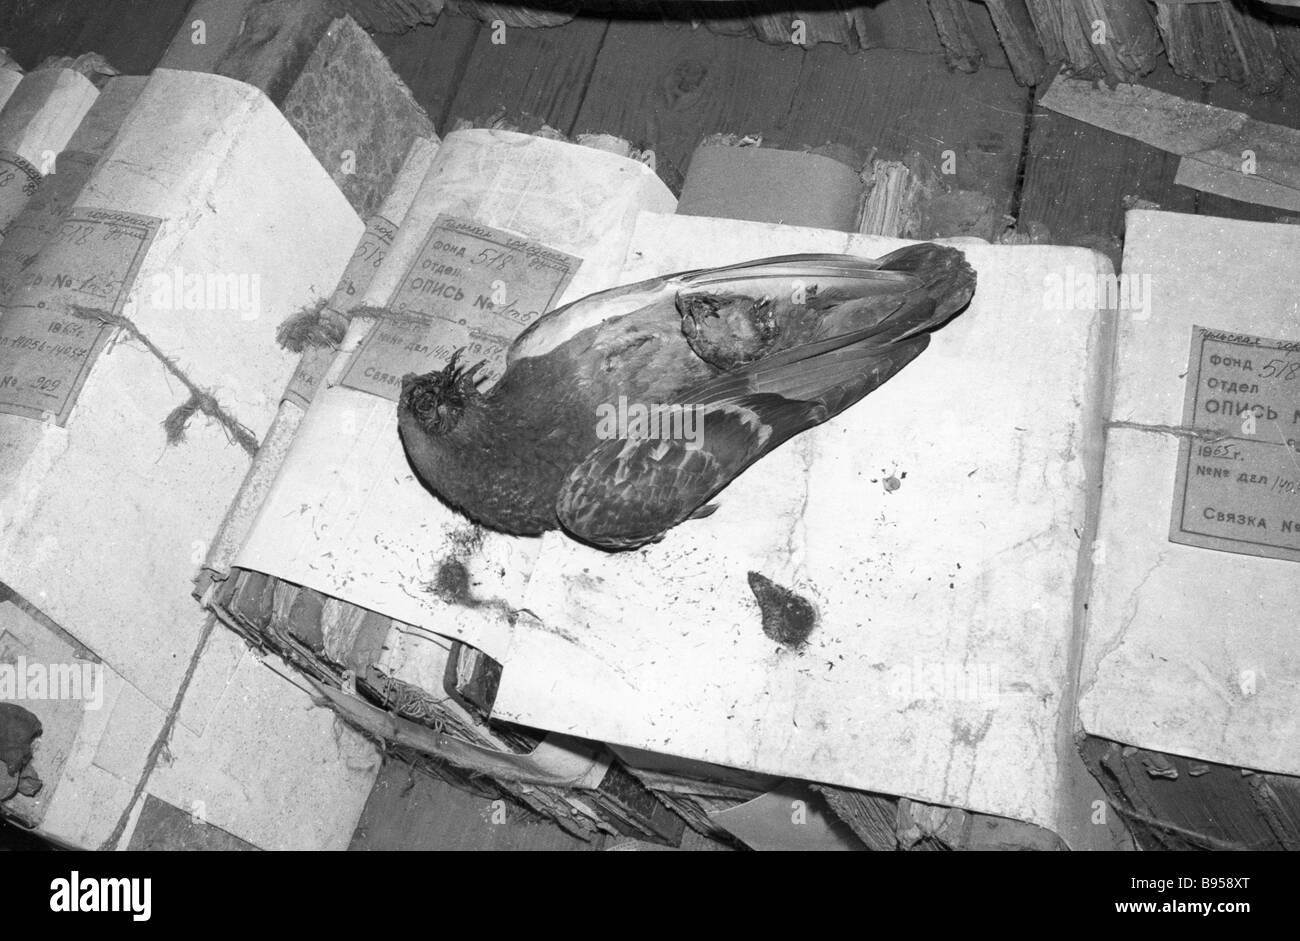 Un pigeon tué par les colds dans les chambres de l'archive de Toula Photo Stock